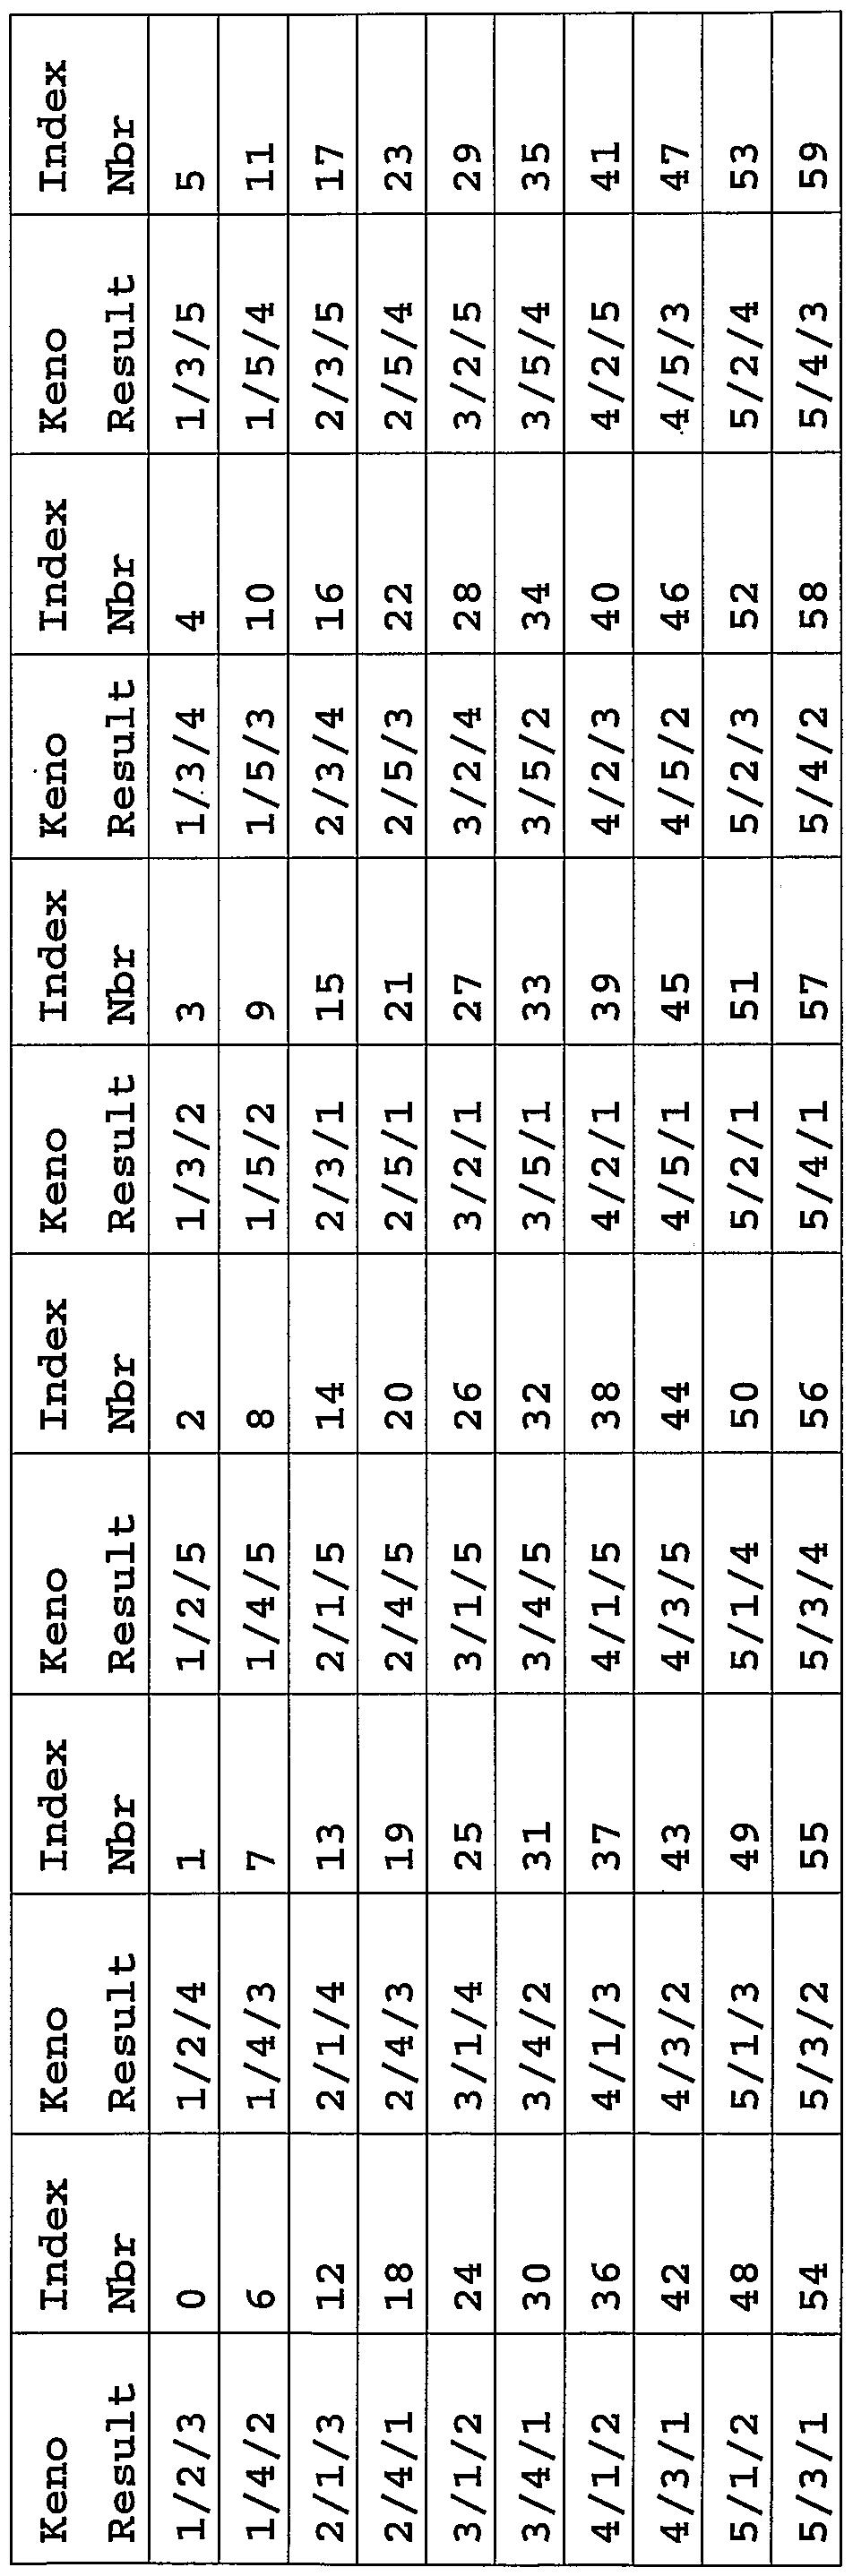 Keno Racing Results